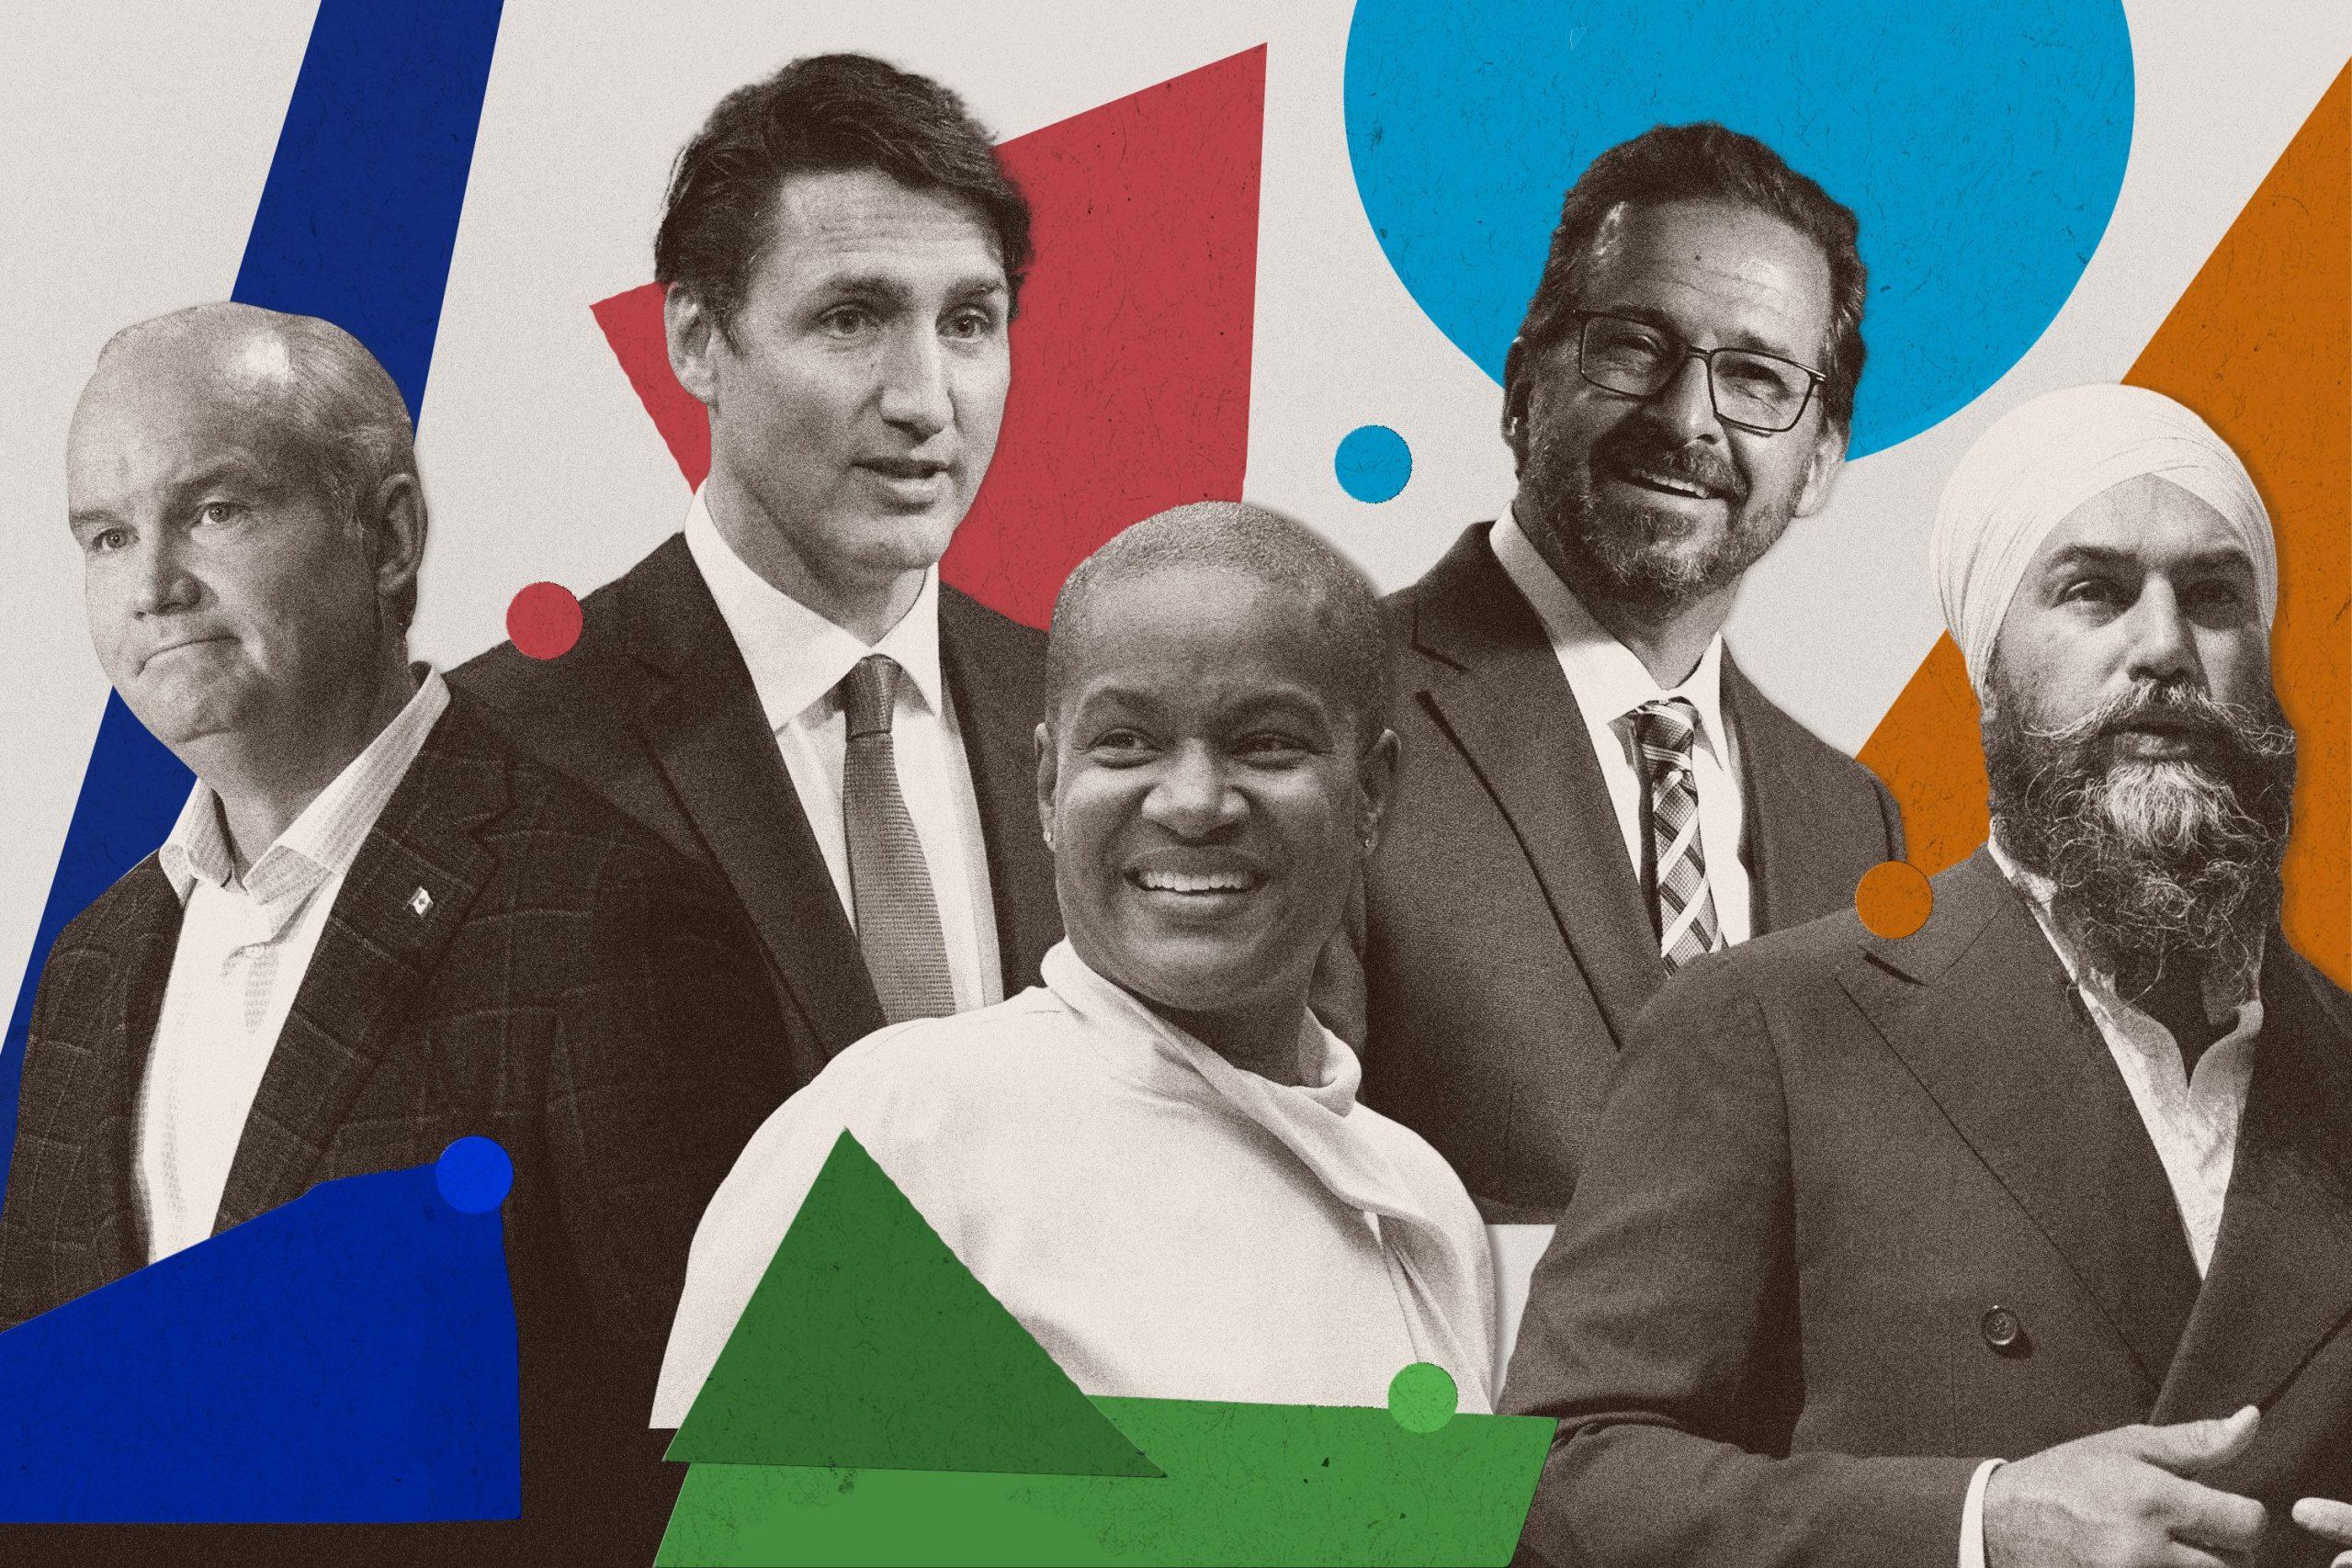 نظرسنجی نشان می دهد سه چهارم کانادایی ها انتخابات فدرال را ضروری نمی دانند